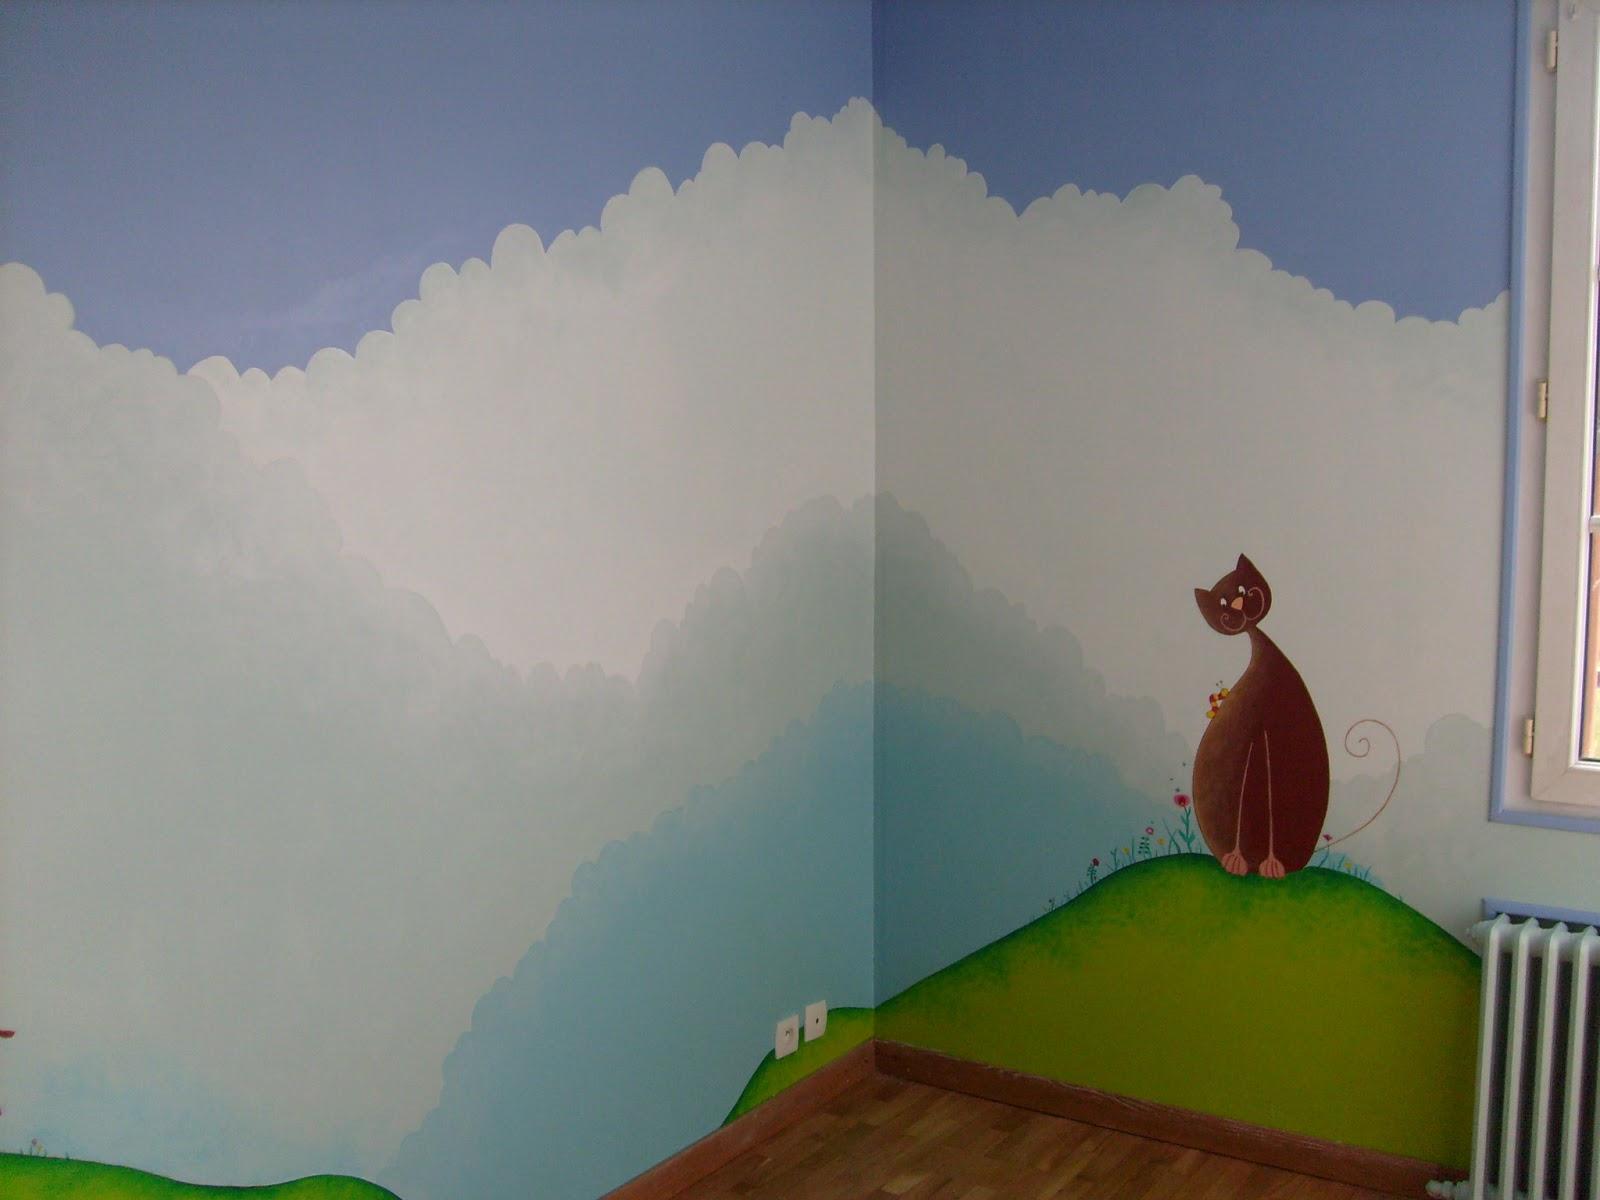 S verine peugniez cr ations peinture murale dans une chambre d 39 enfant - Fresque murale chambre fille ...